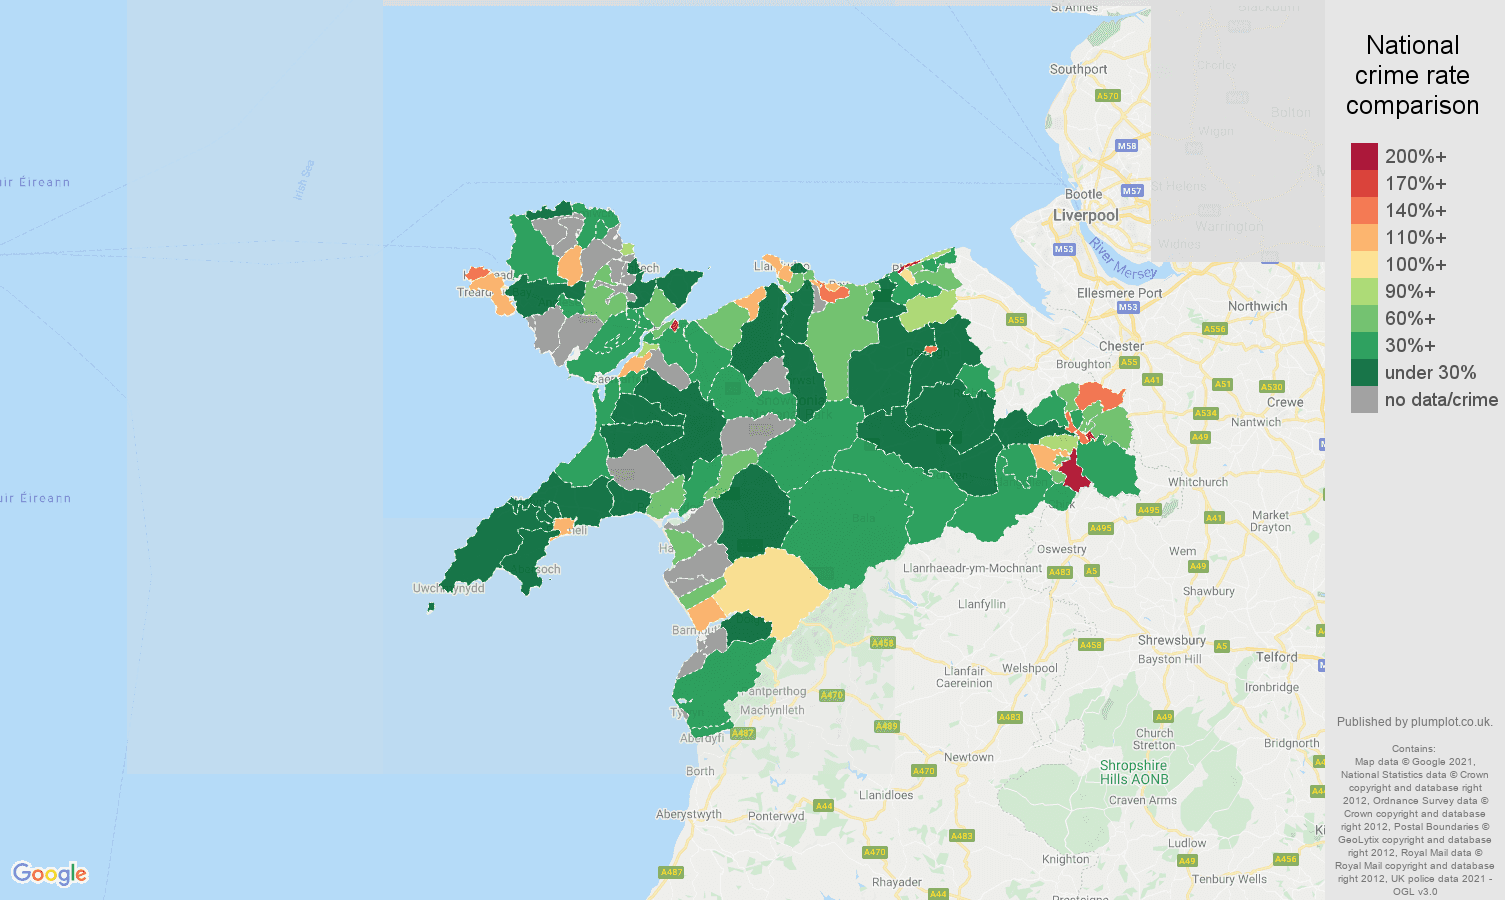 Llandudno drugs crime rate comparison map